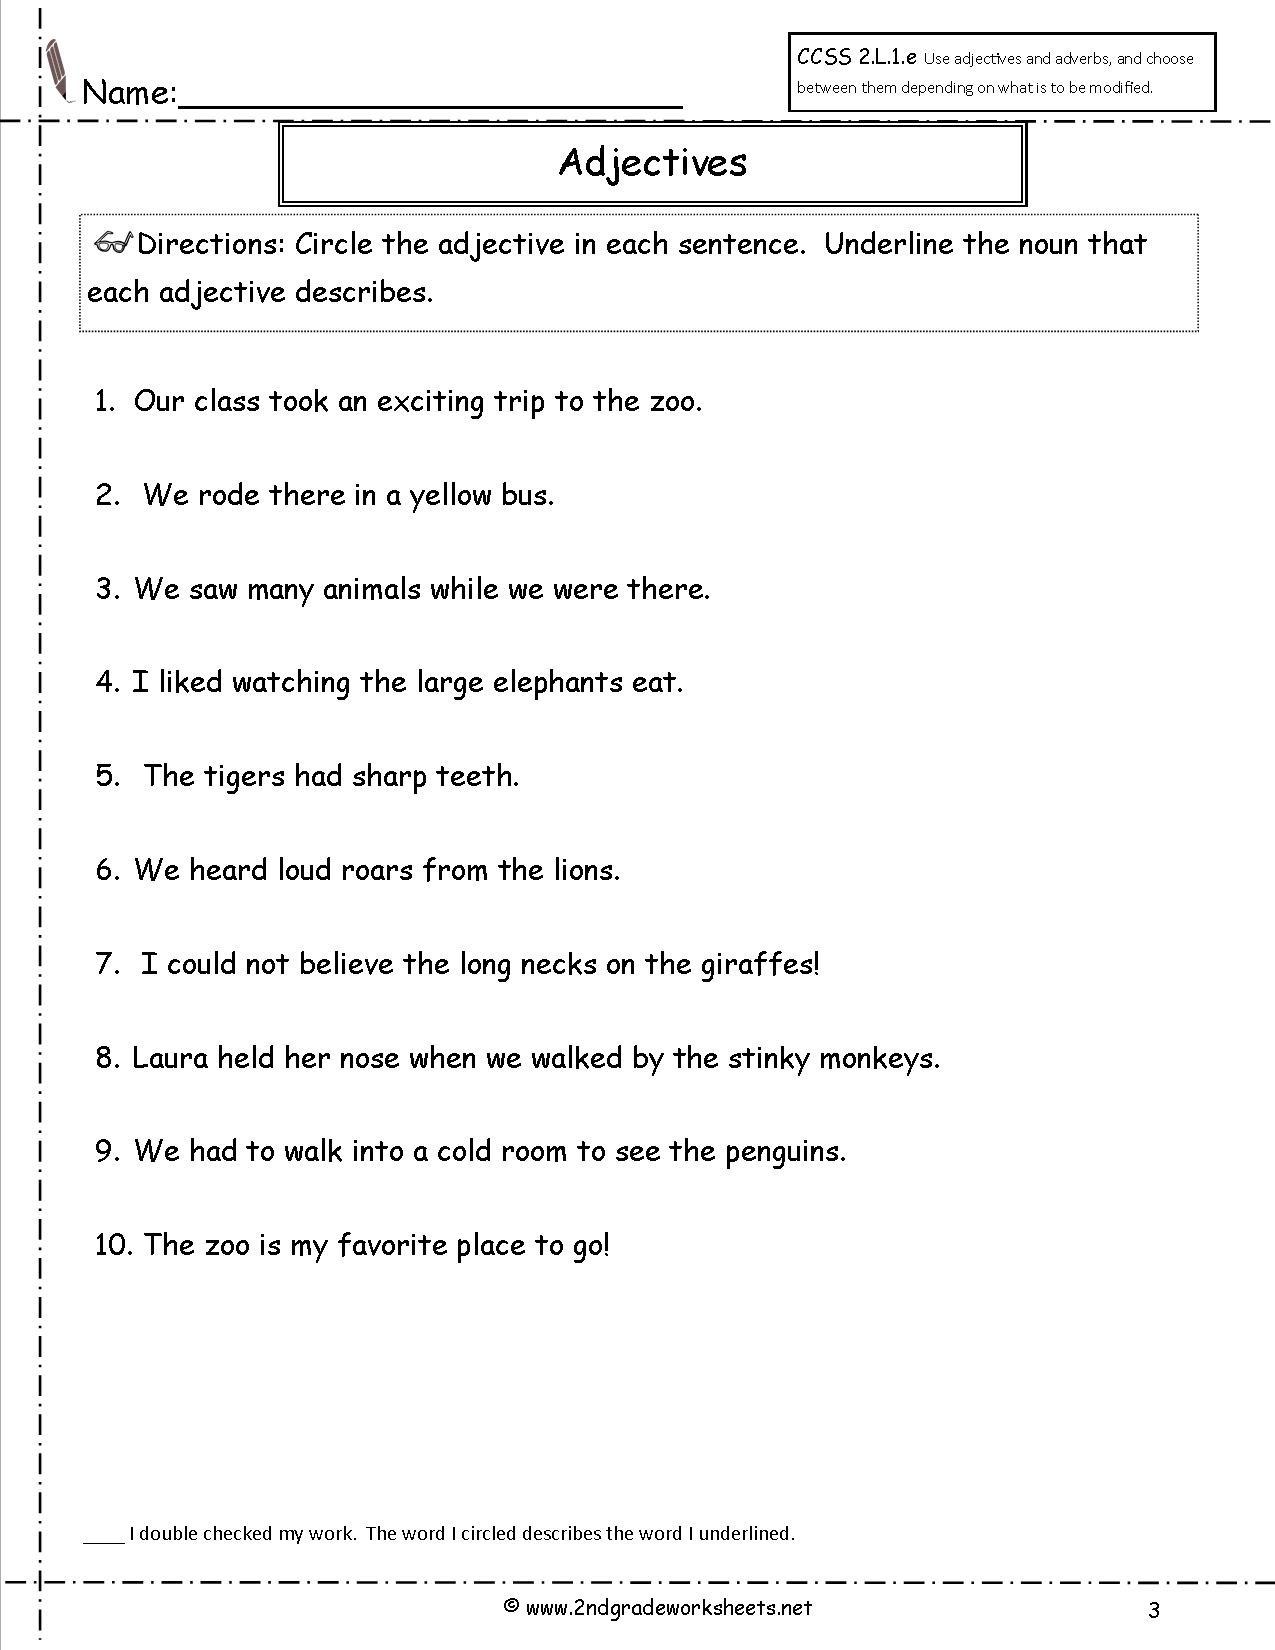 Identifying Adjectives Worksheet